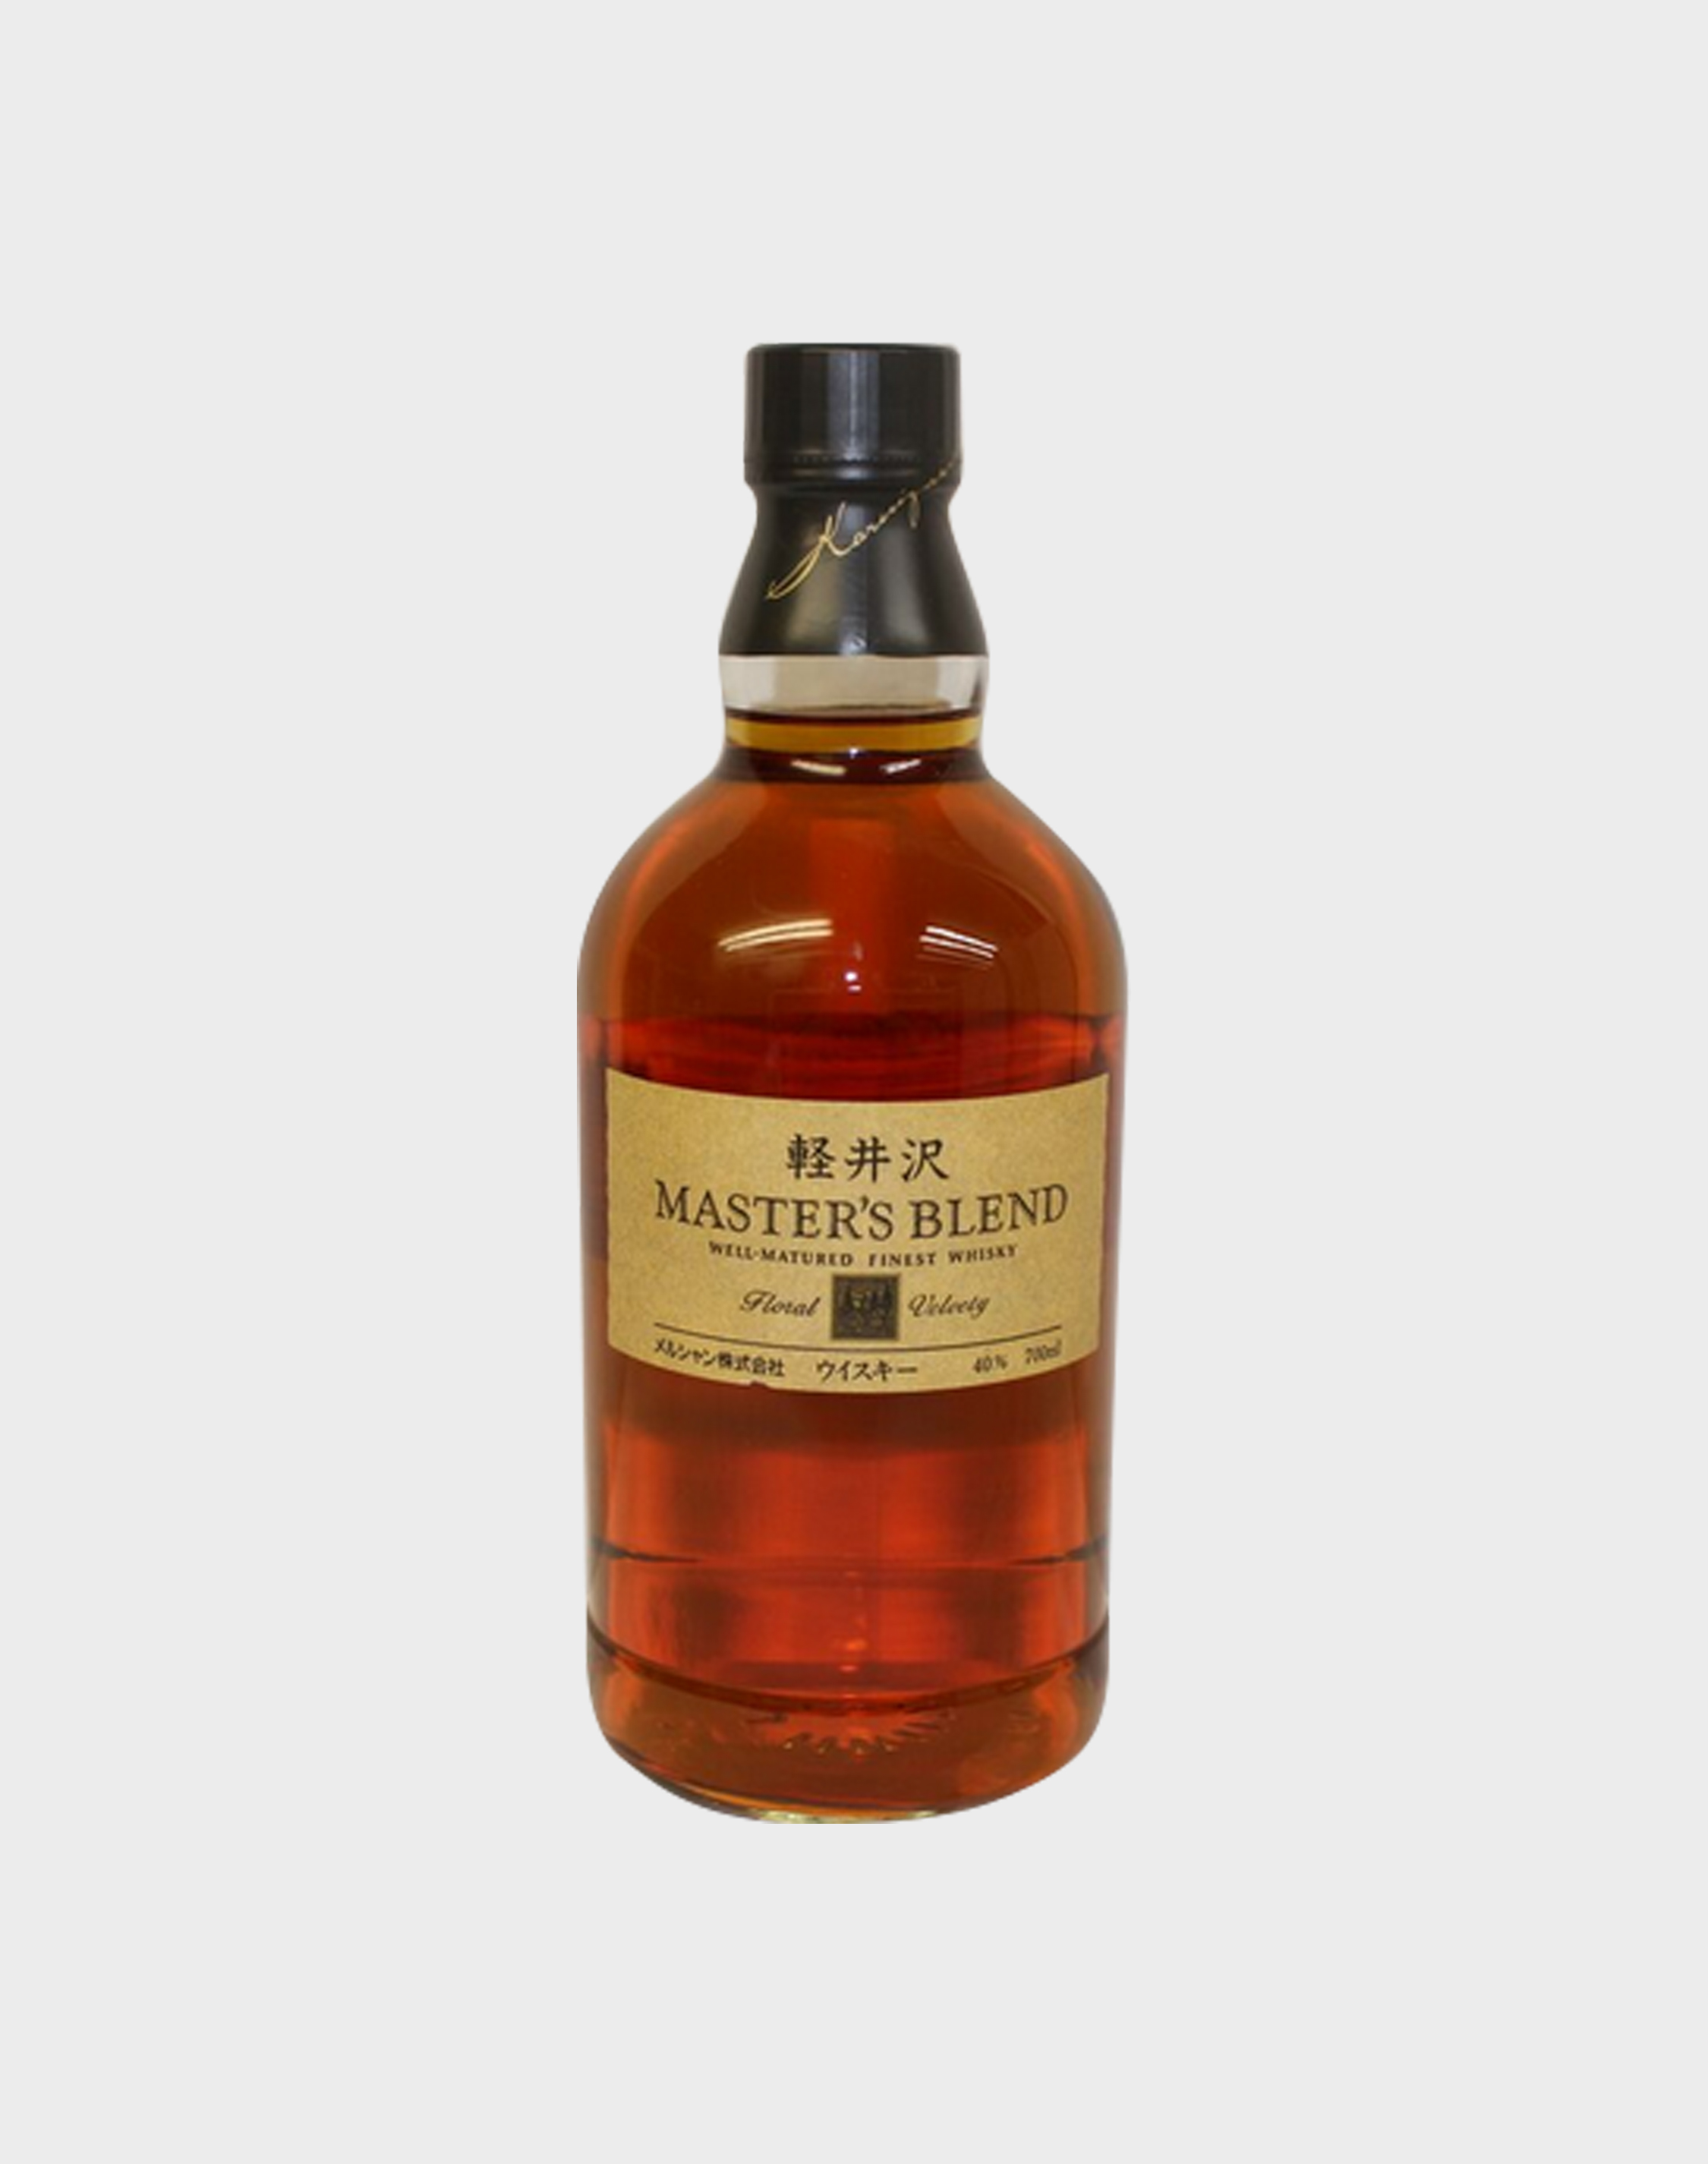 Mercian Karuizawa Master's Blend Whisky